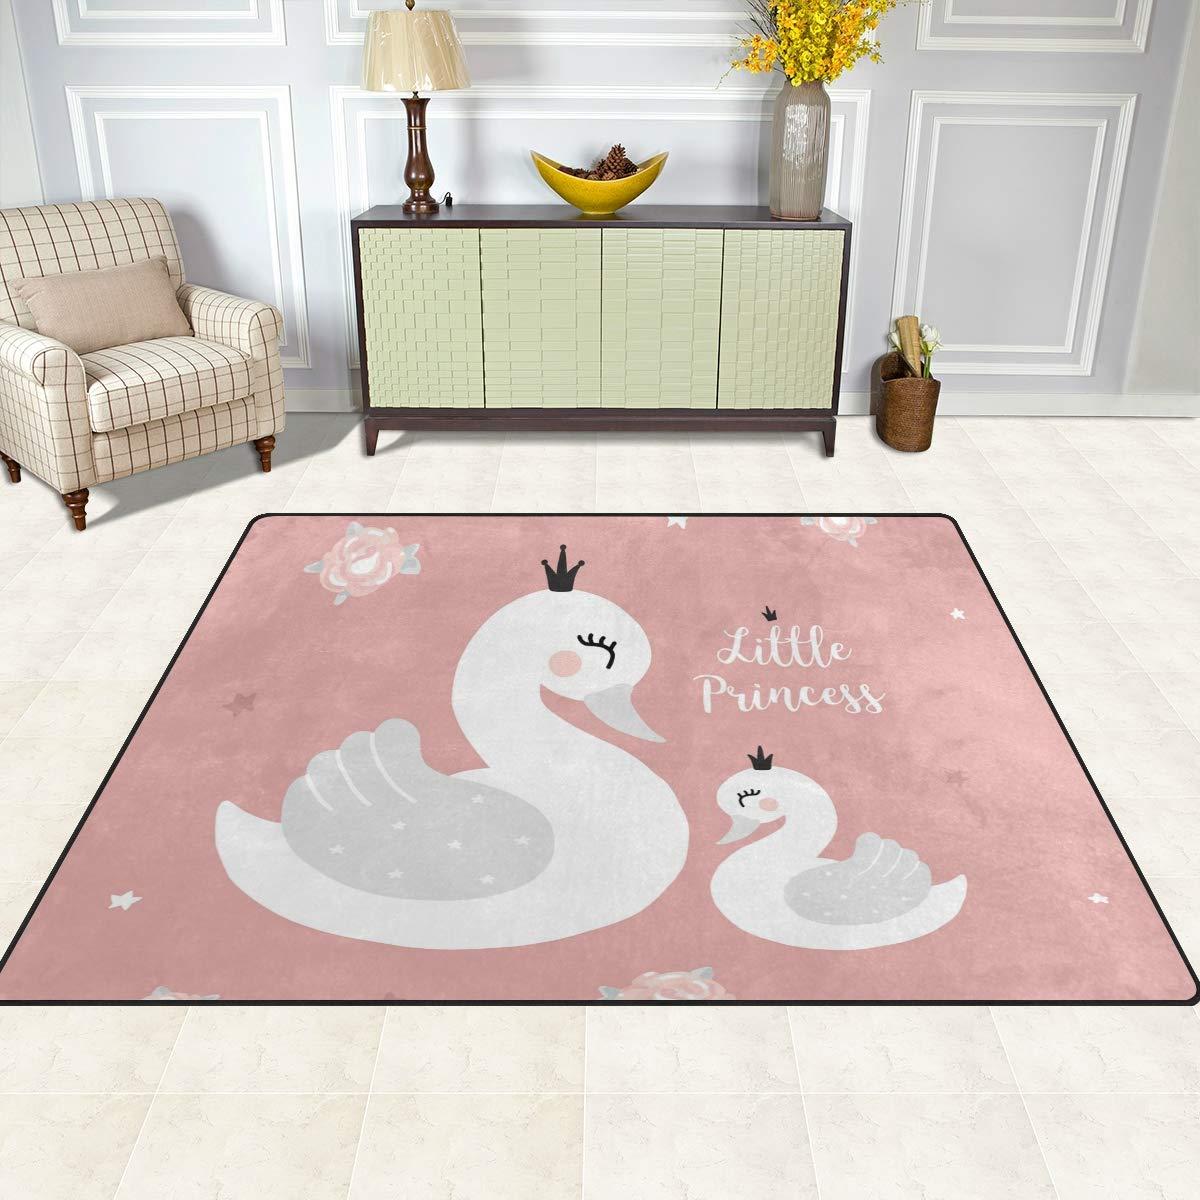 Schaumstoff Multi 160 x 122 cm Orediy Weiche Teppiche Schwan Prinzessin Mutter Baby Leichter Bereich Teppich Kinder Spielmatte Rutschfest Yoga Kinderzimmer Teppich f/ür Wohnzimmer Schlafzimmer